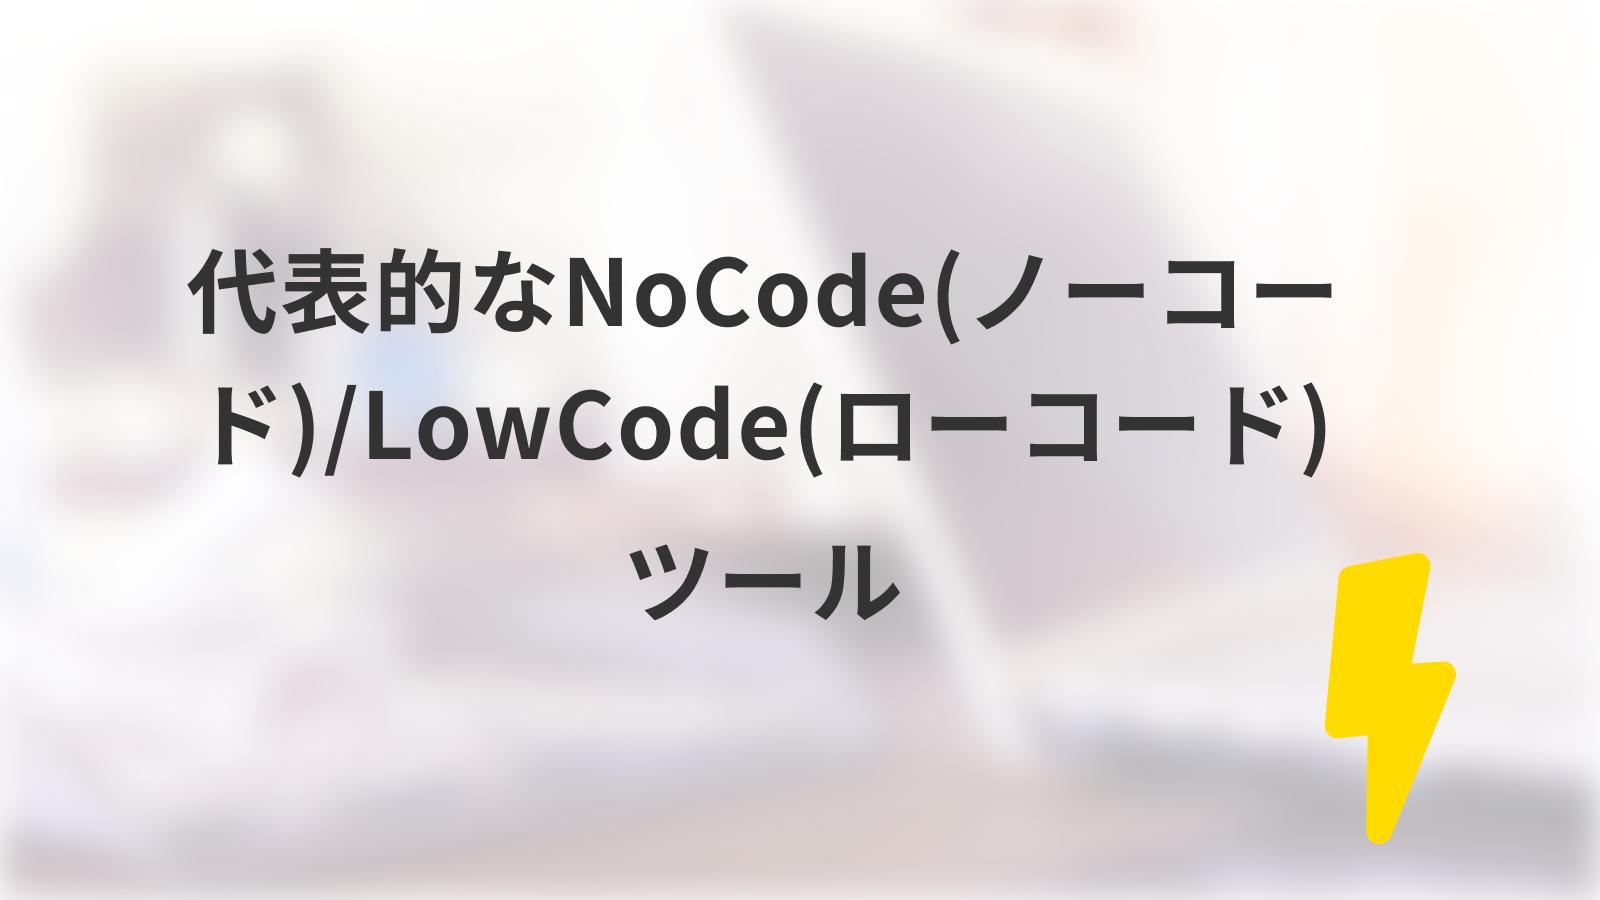 代表的なNoCode(ノーコード)/LowCode(ローコード)ツール